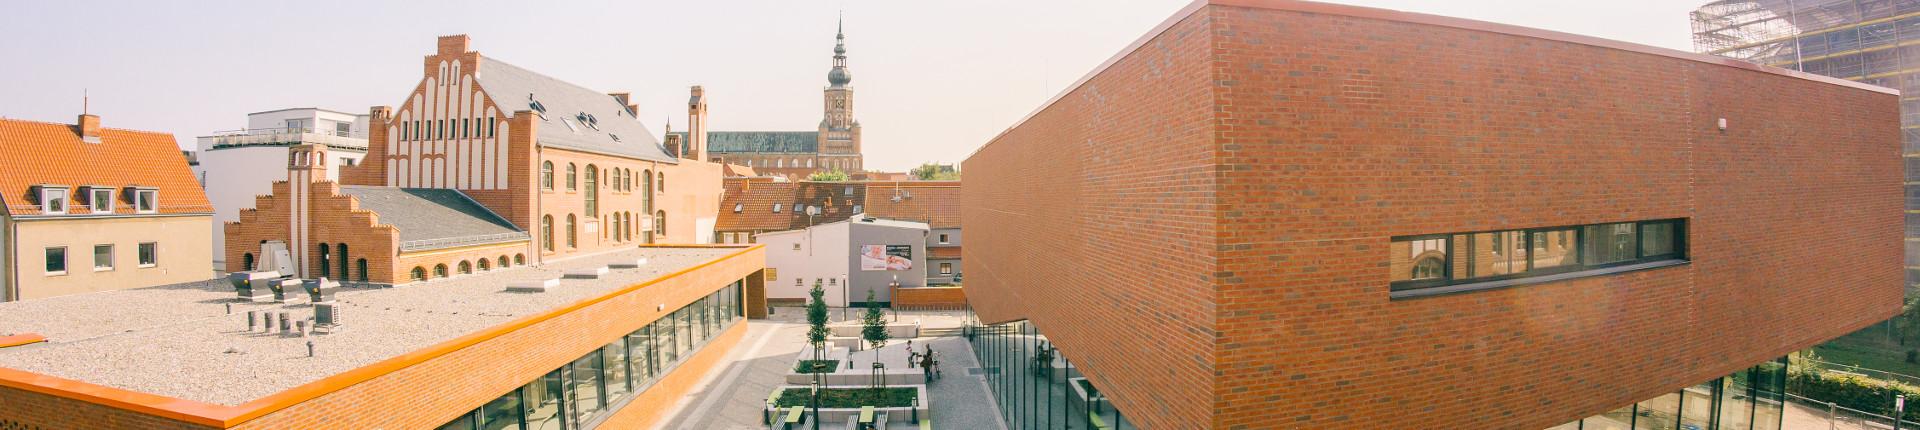 Campus Loefflerstraße